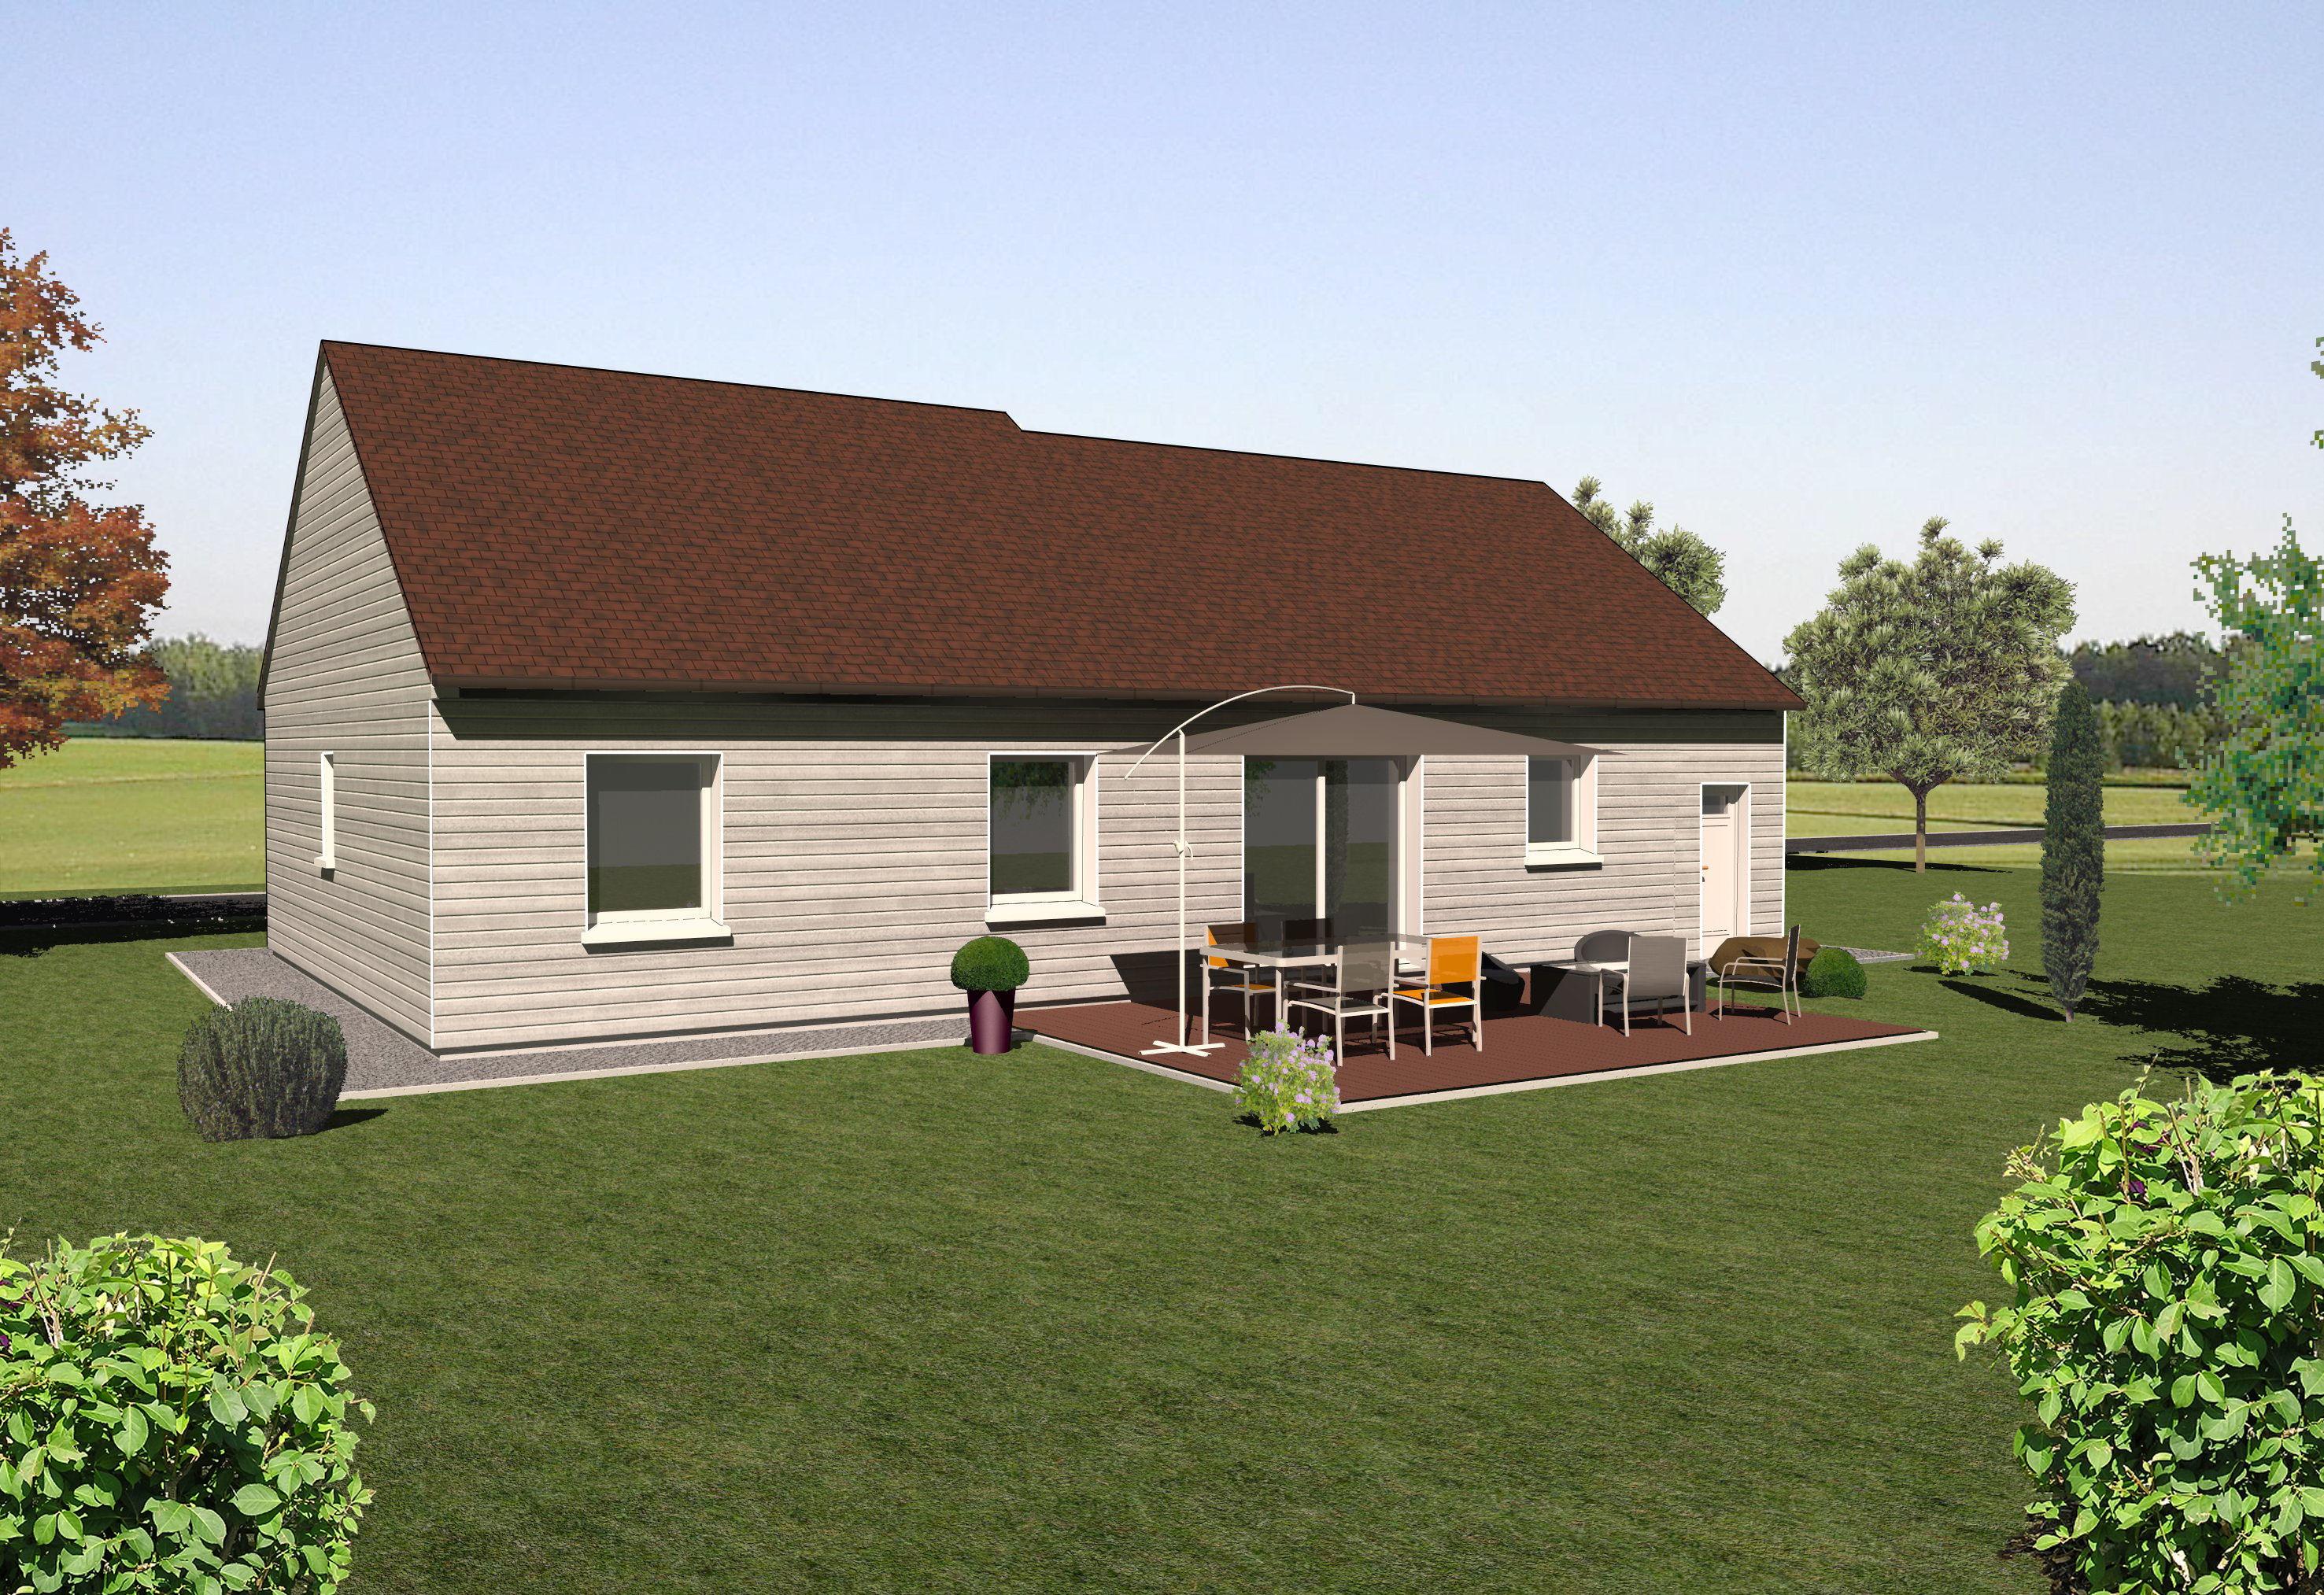 Les maisons ossature bois de plain pied mod le robinier for Modele maison ossature bois